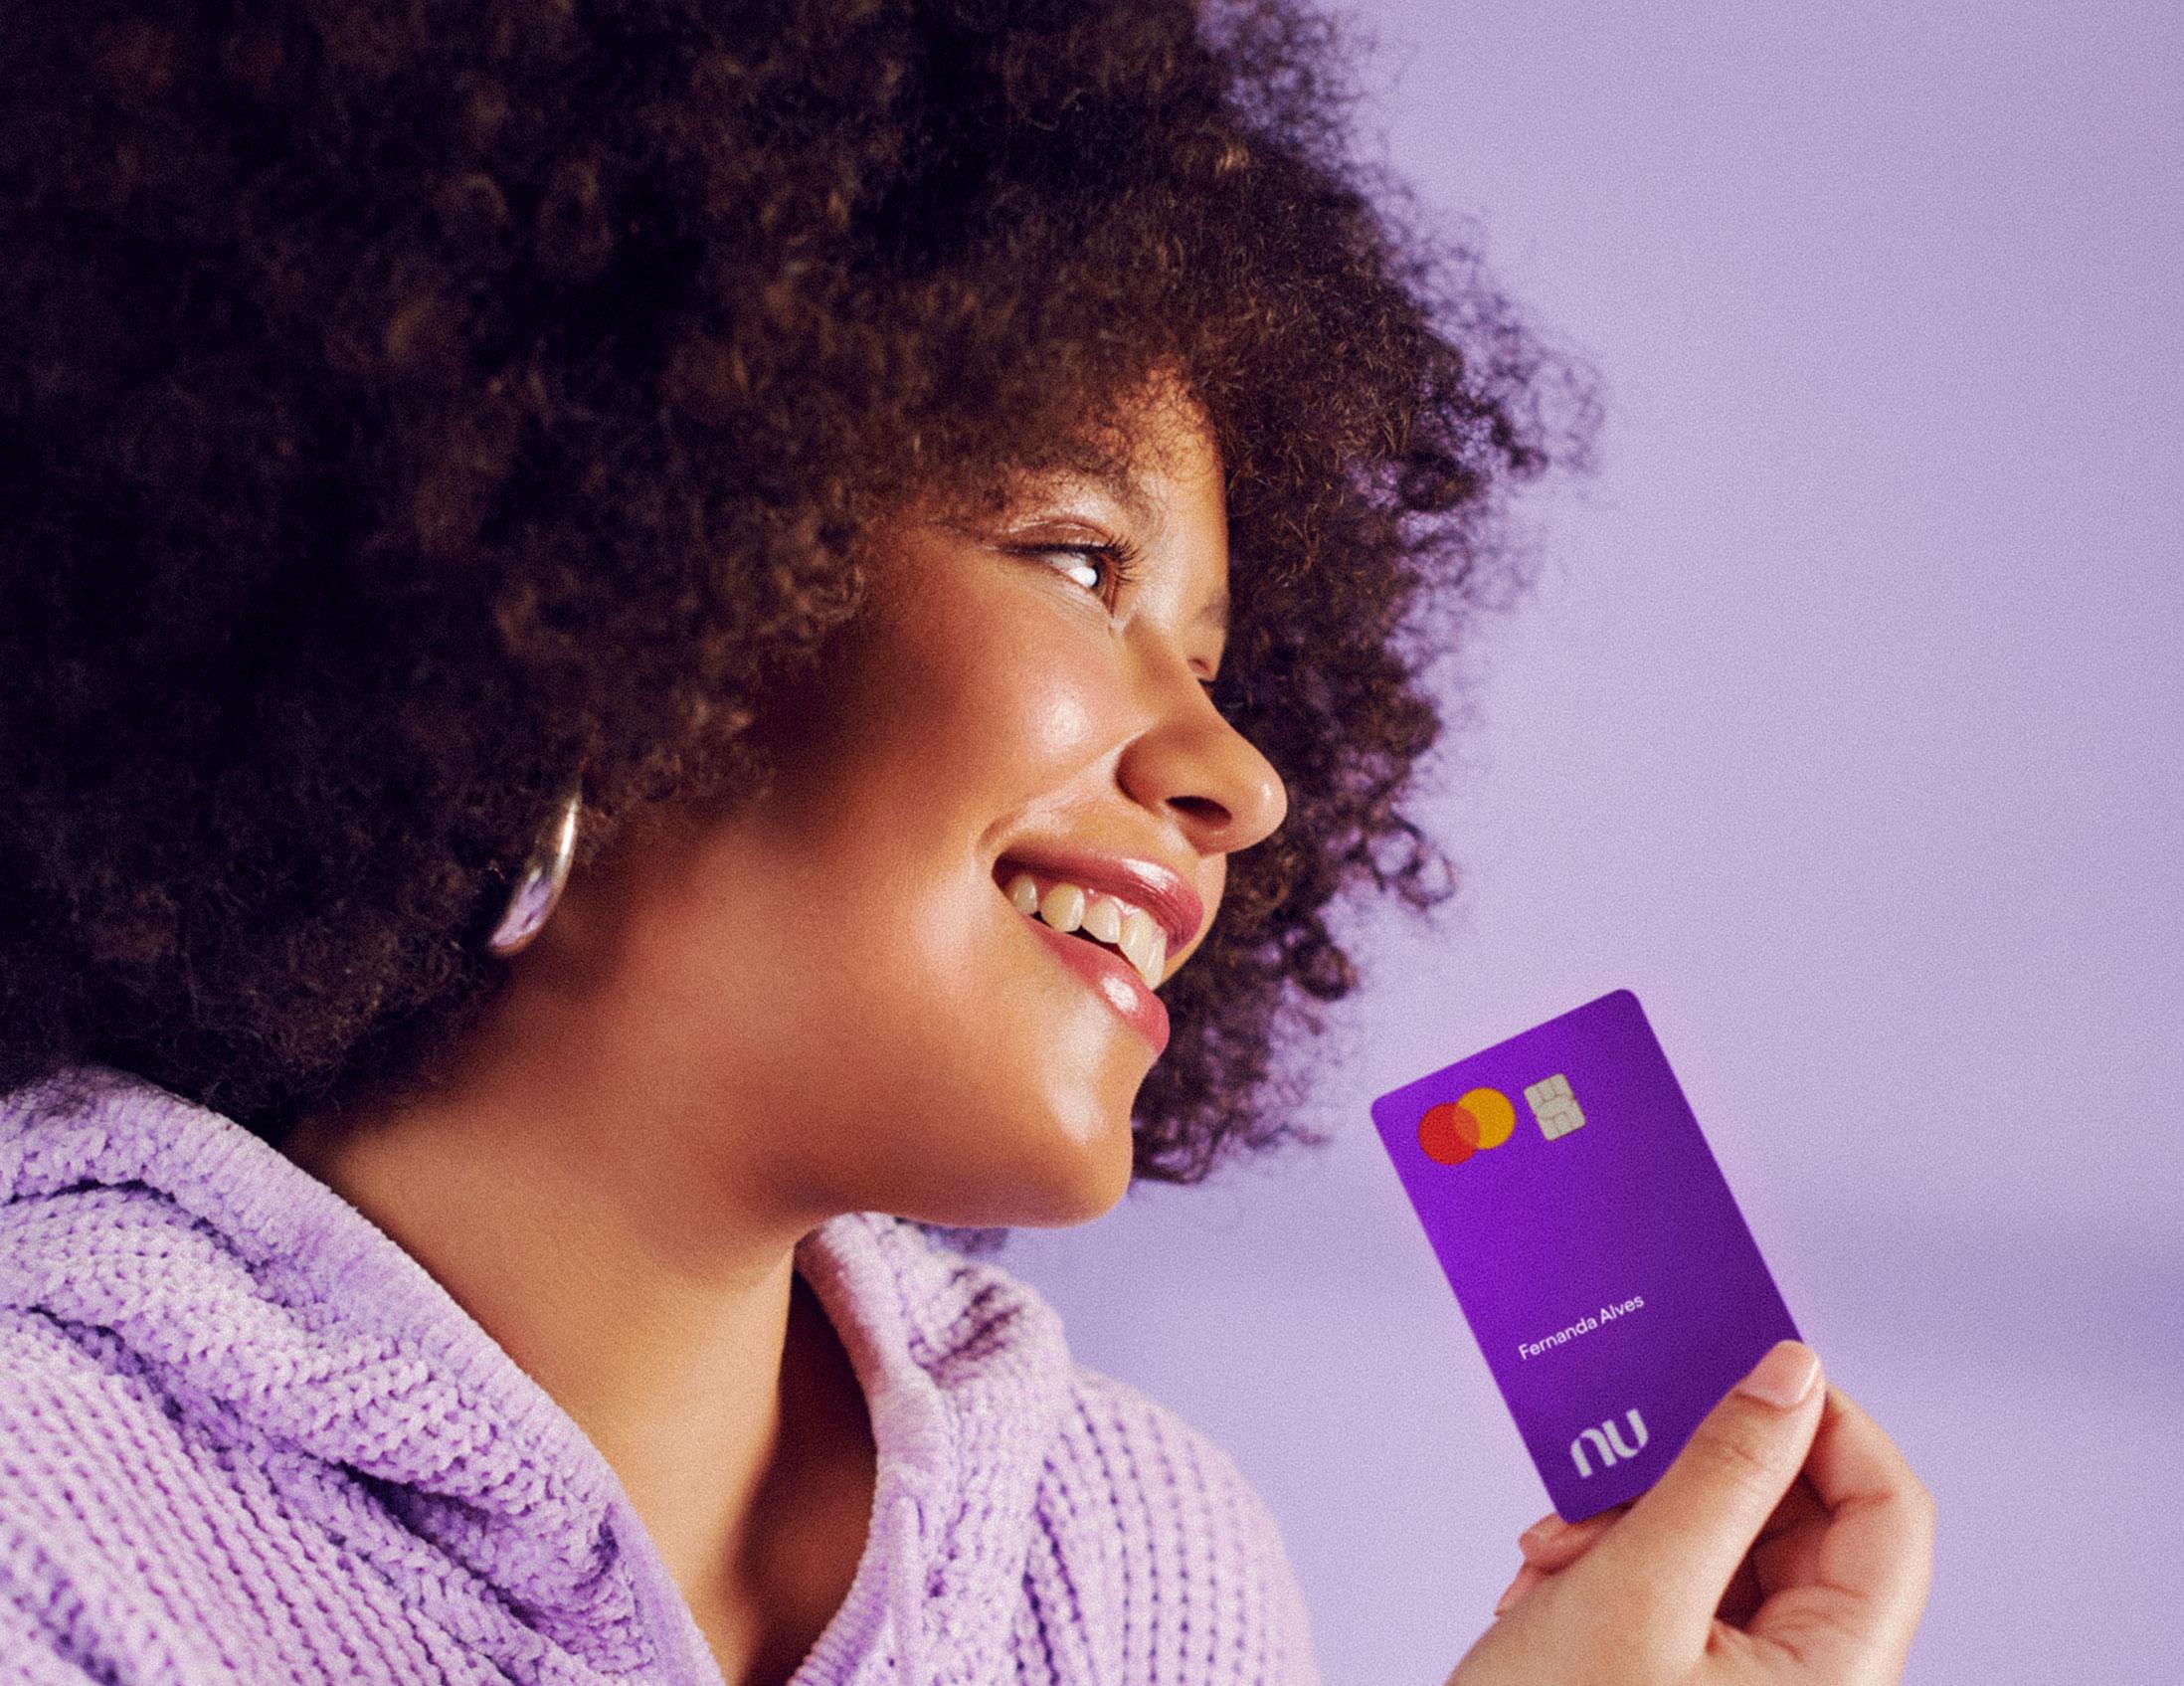 mulher sorrindo, vestindo uma blusa lilás e segurando o cartão Nubank